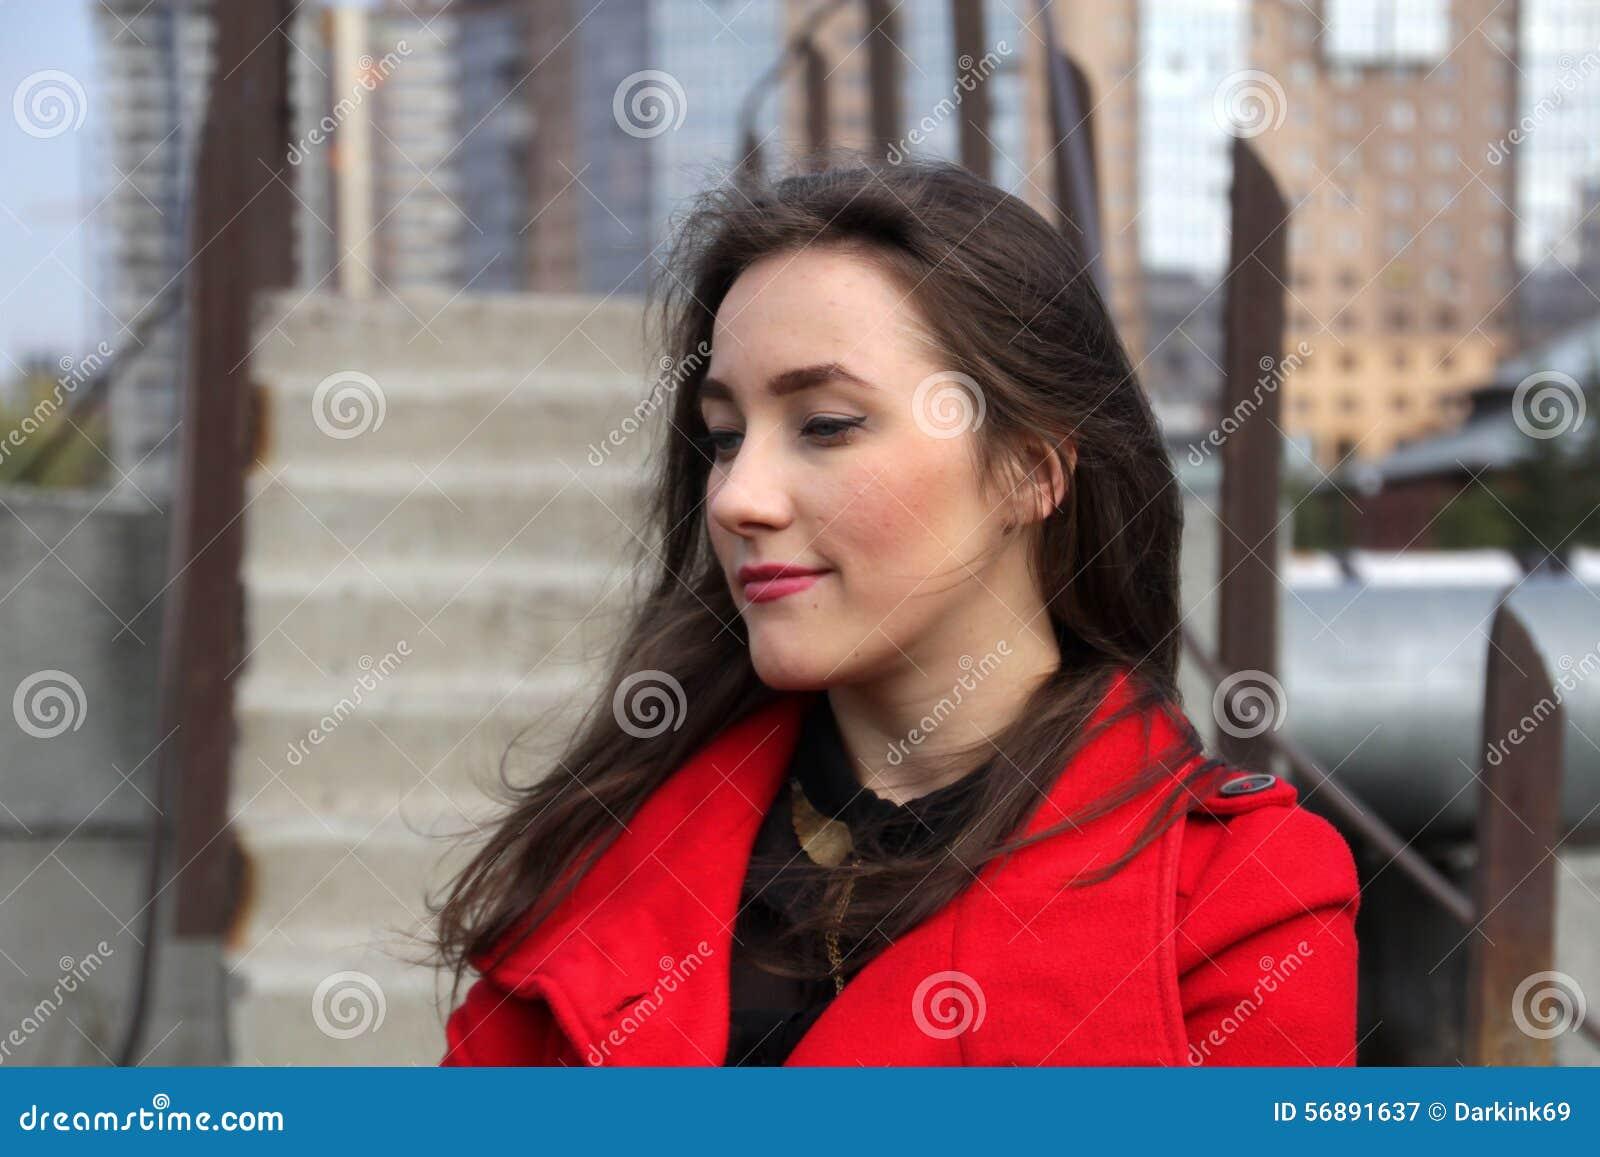 Красивая девушка в красном пальто на предпосылке лестниц